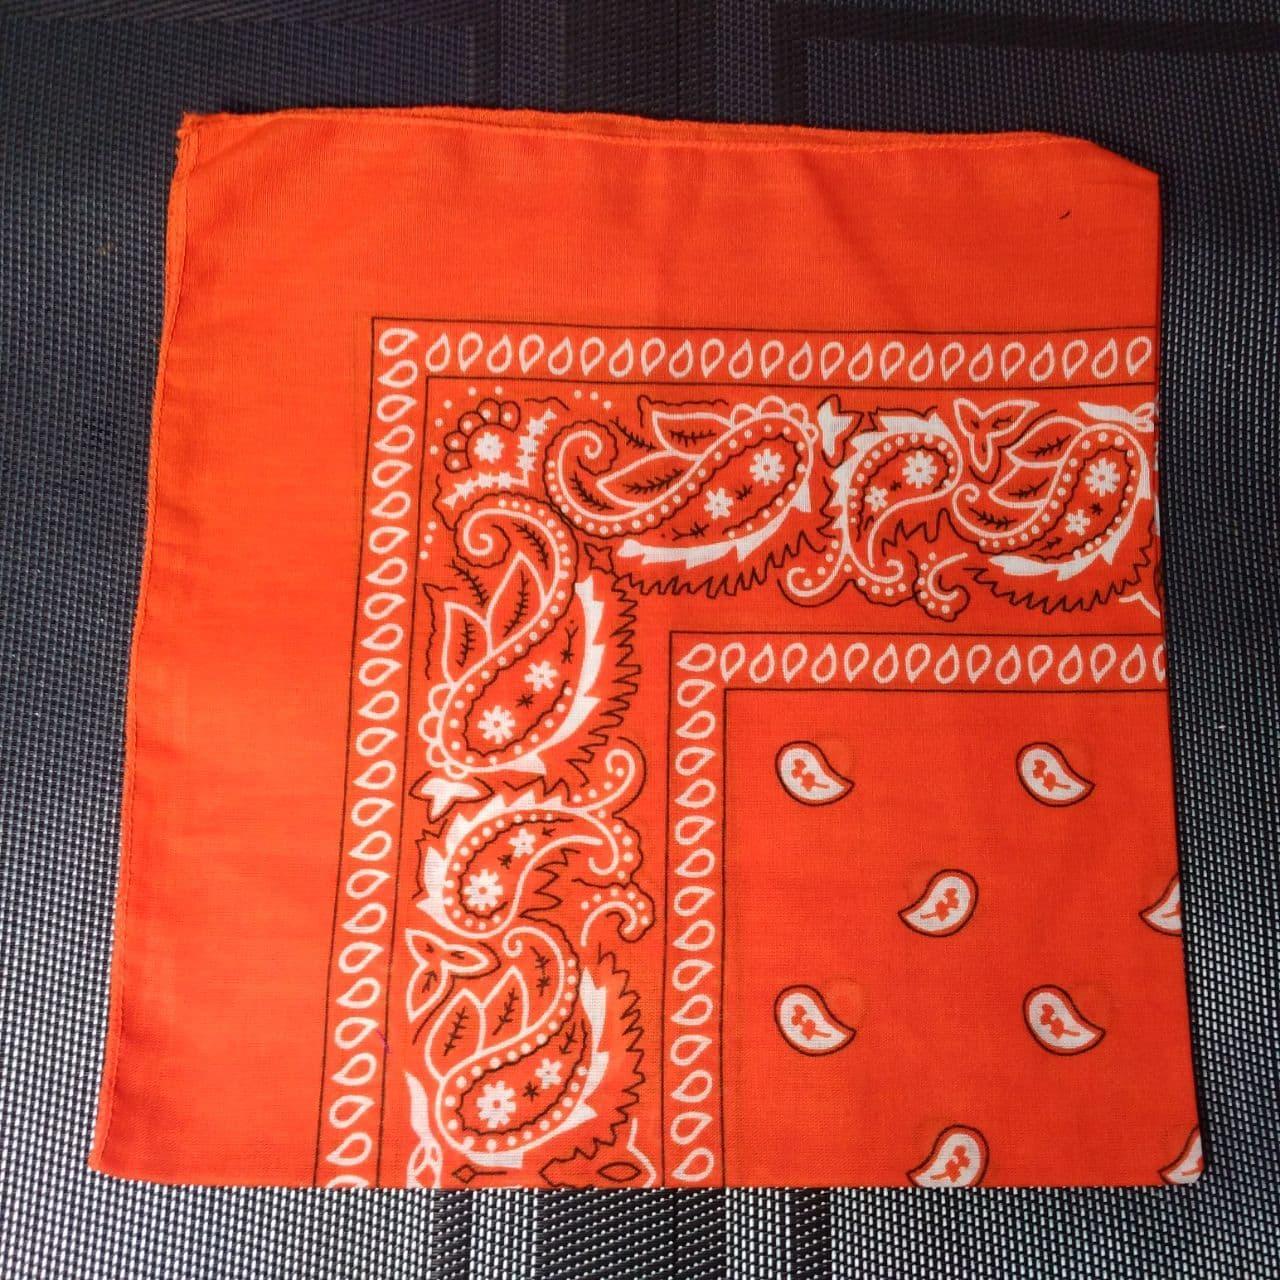 Бандана класична морквяна (помаранчева) 55х55 см